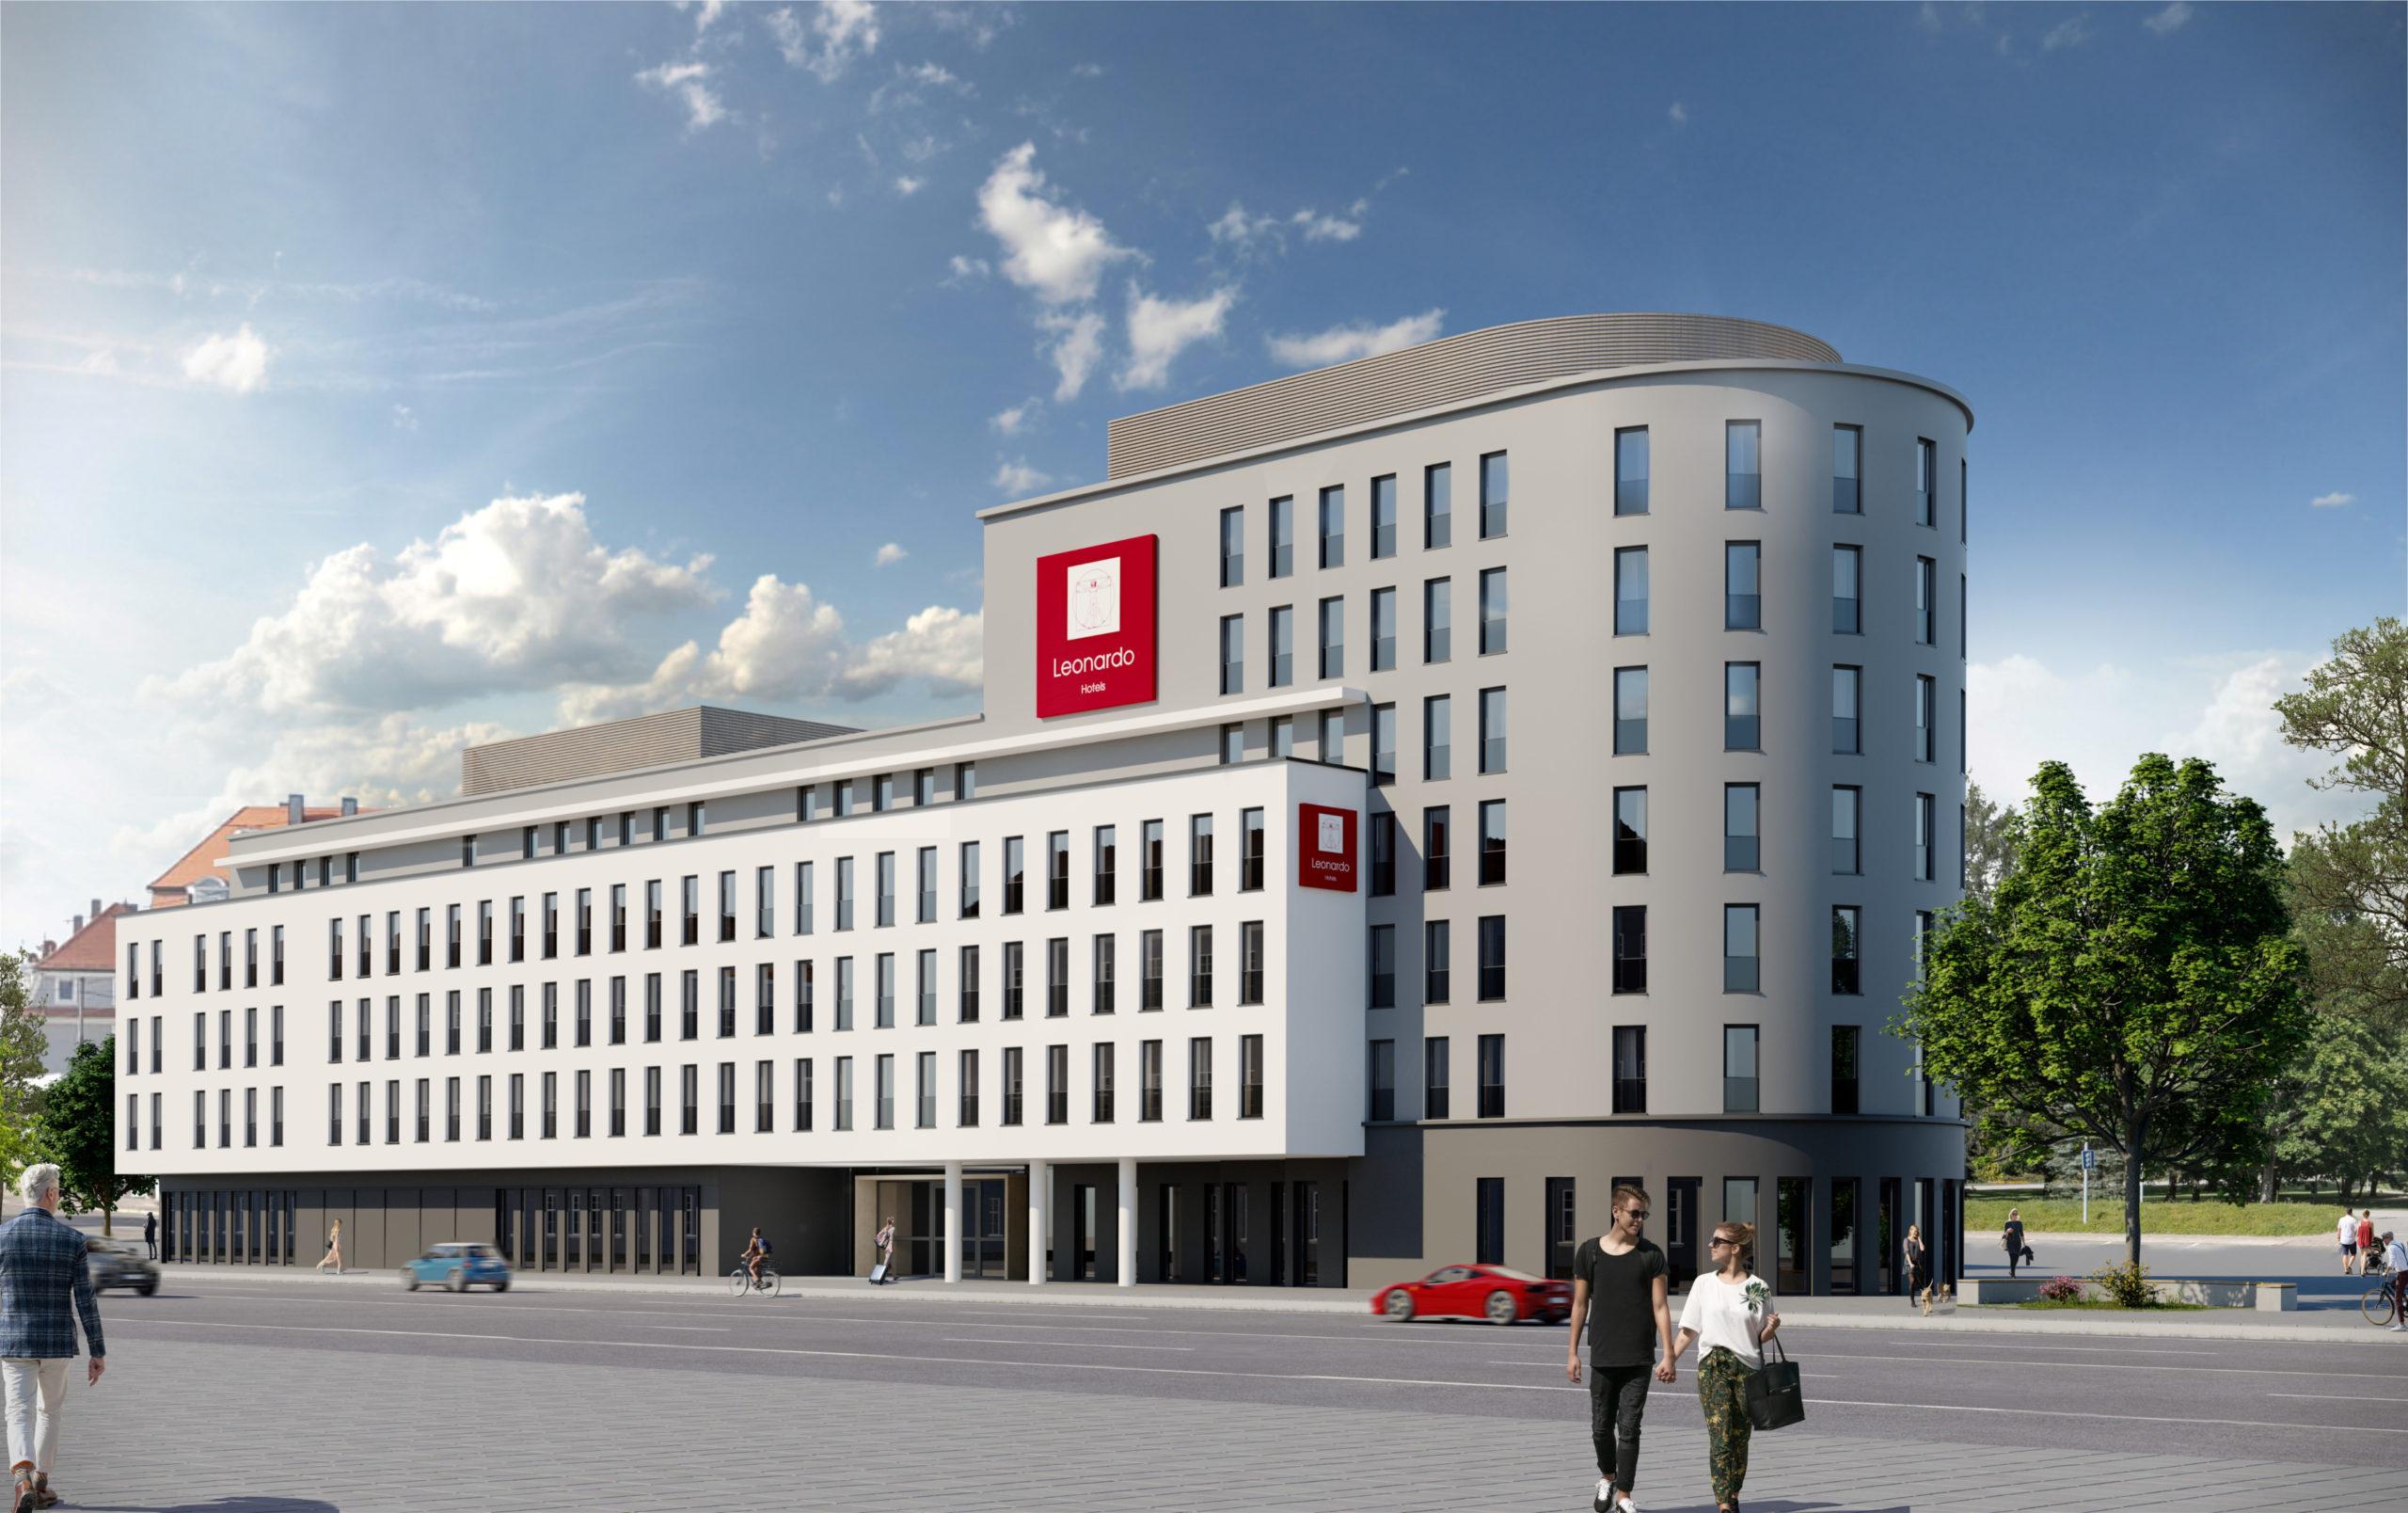 Das neue Leonardo Hotel wird im Stadtjägerviertel eröffnet.